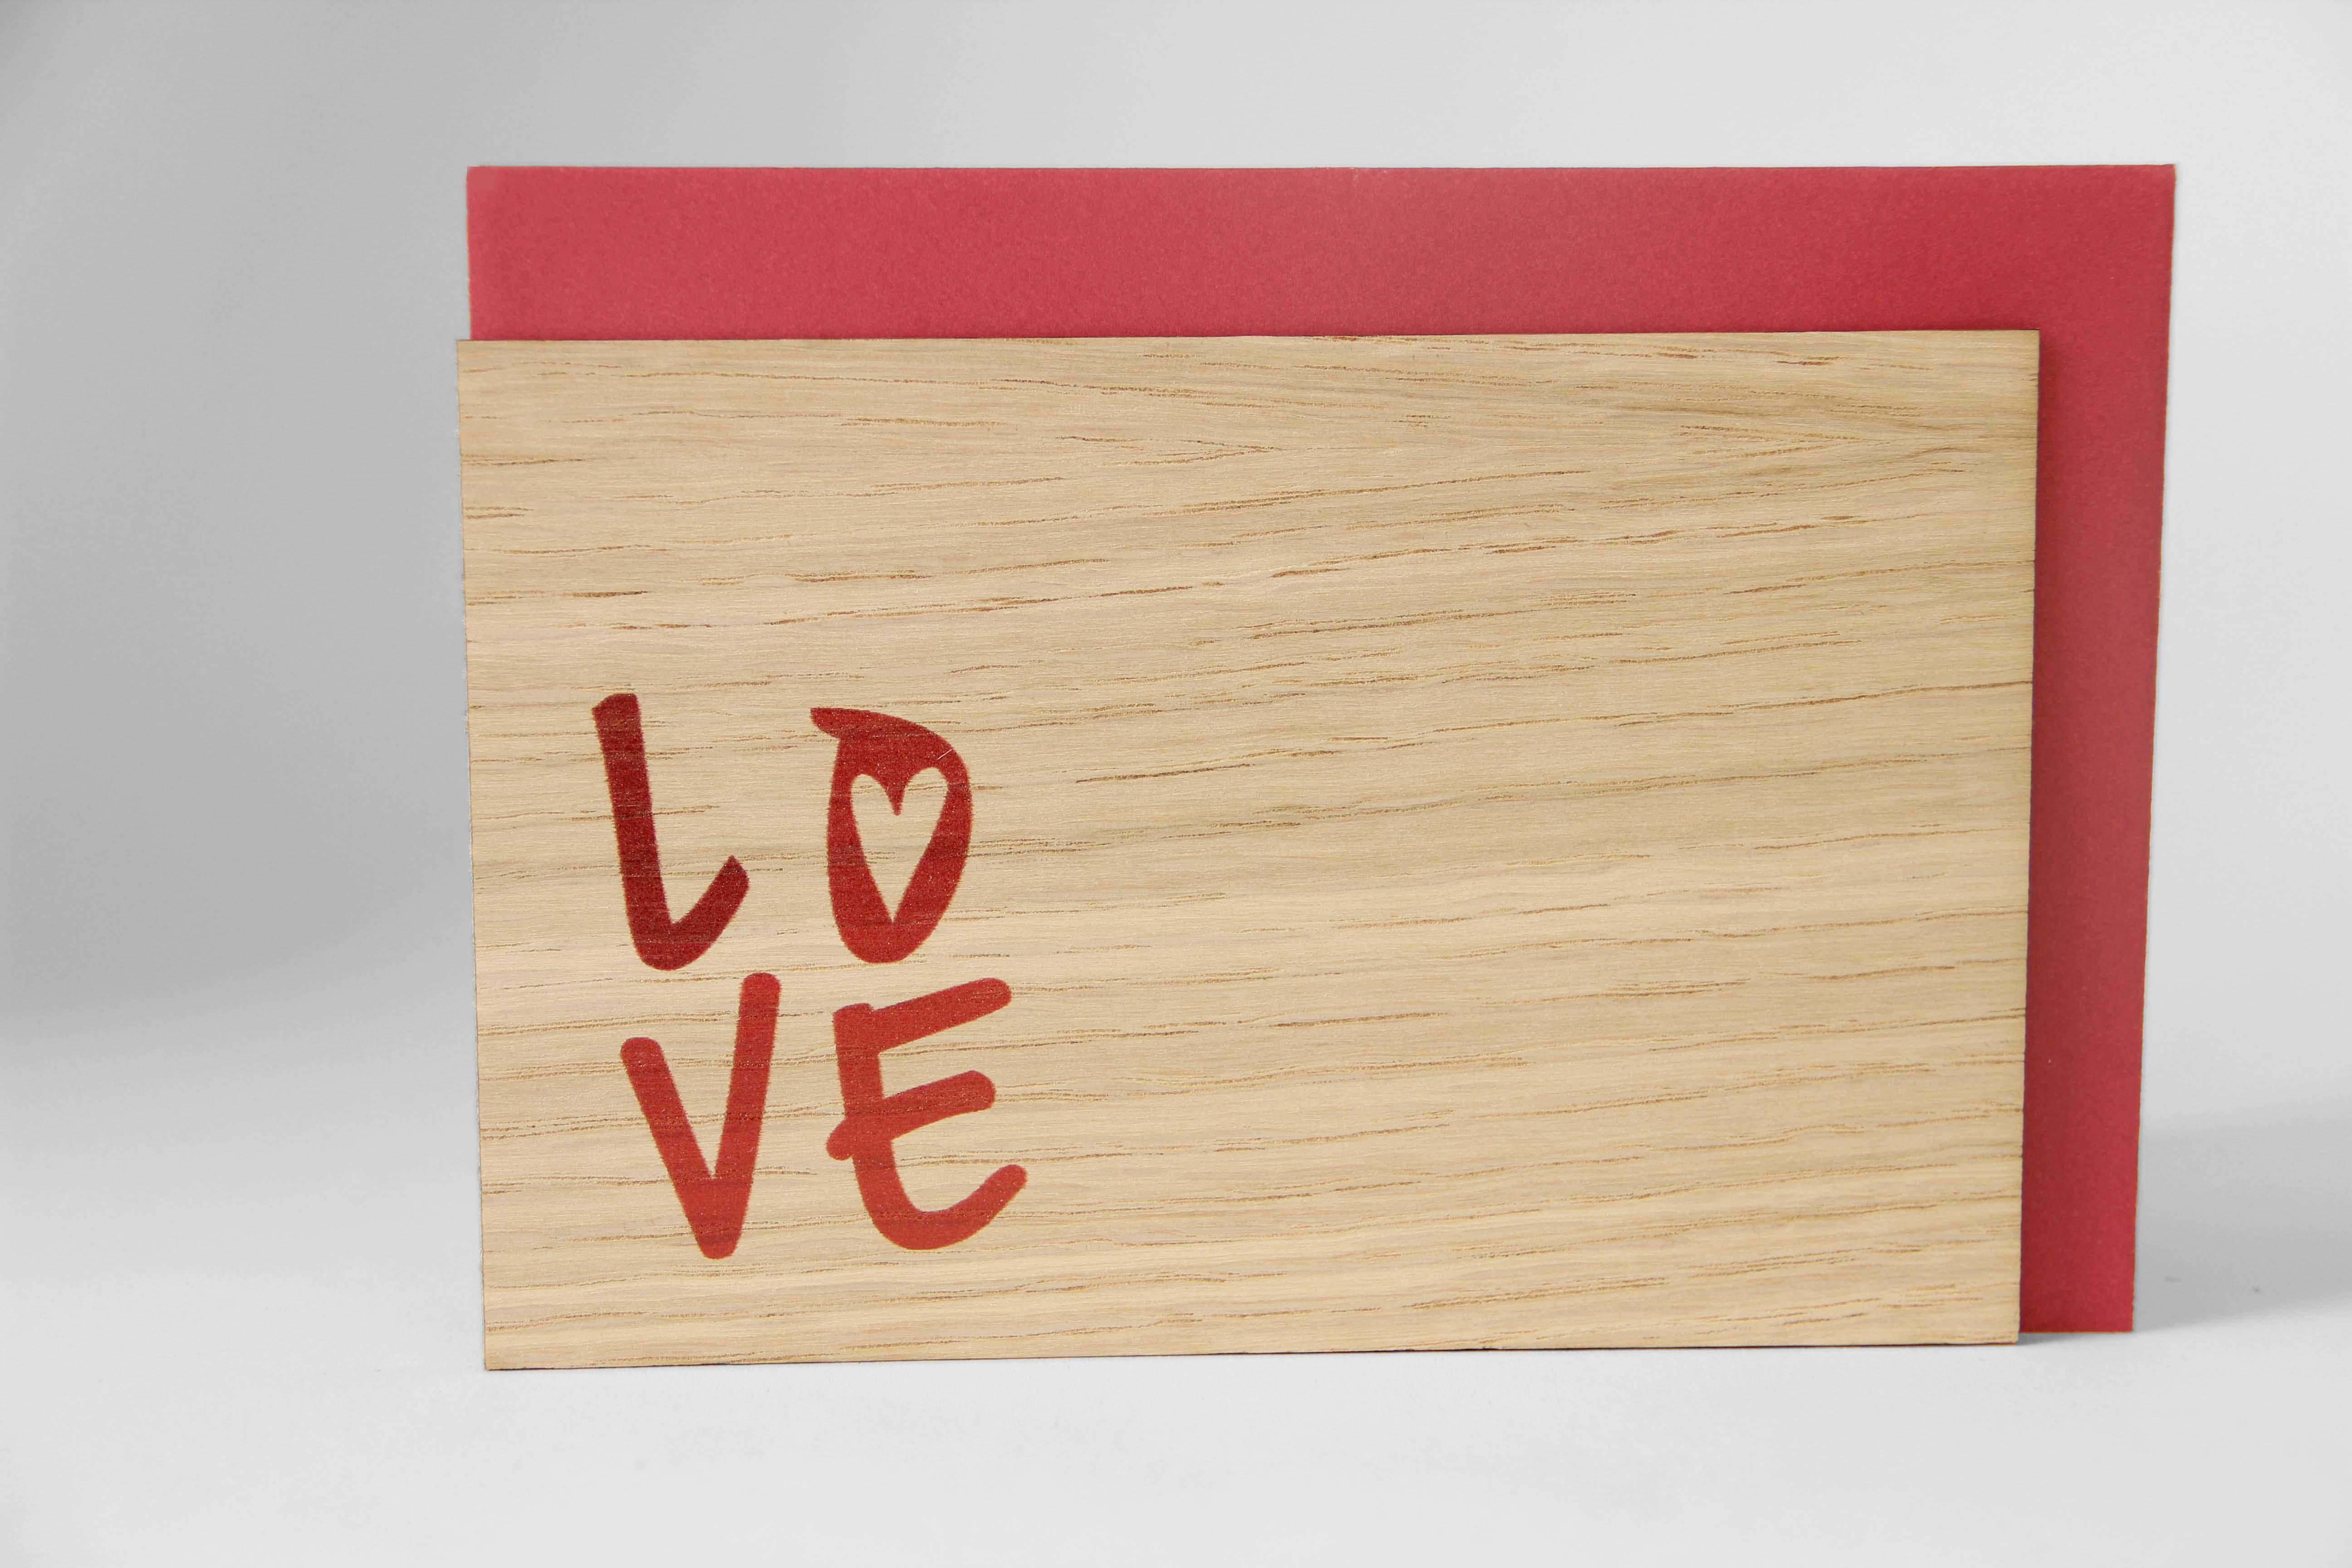 Original Holzgrußkarte - L O V E in Farbe - 100% handmade in Österreich, aus Eichenholz gefertigte Geschenkkarte, Grußkarte, Klappkarte, Postkarte, Geschenk für Jahrestag - Valentinstag